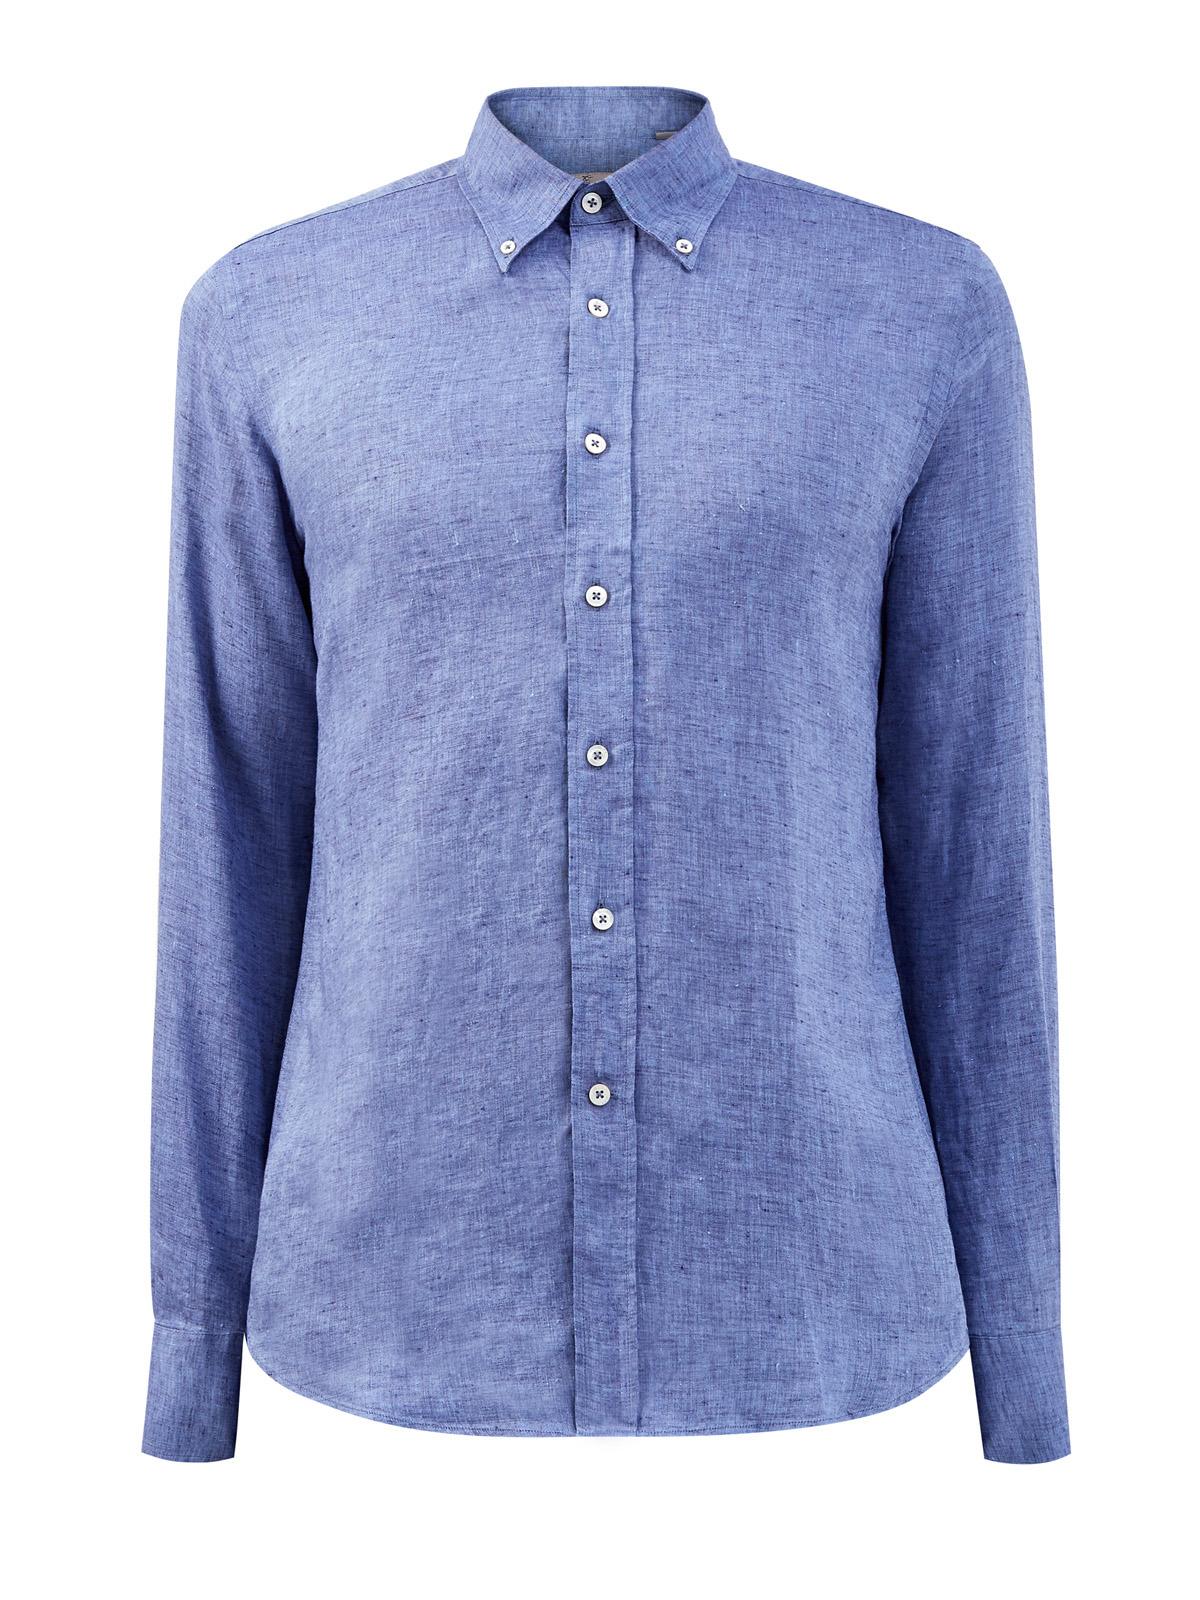 Льняная рубашка с воротником button-down